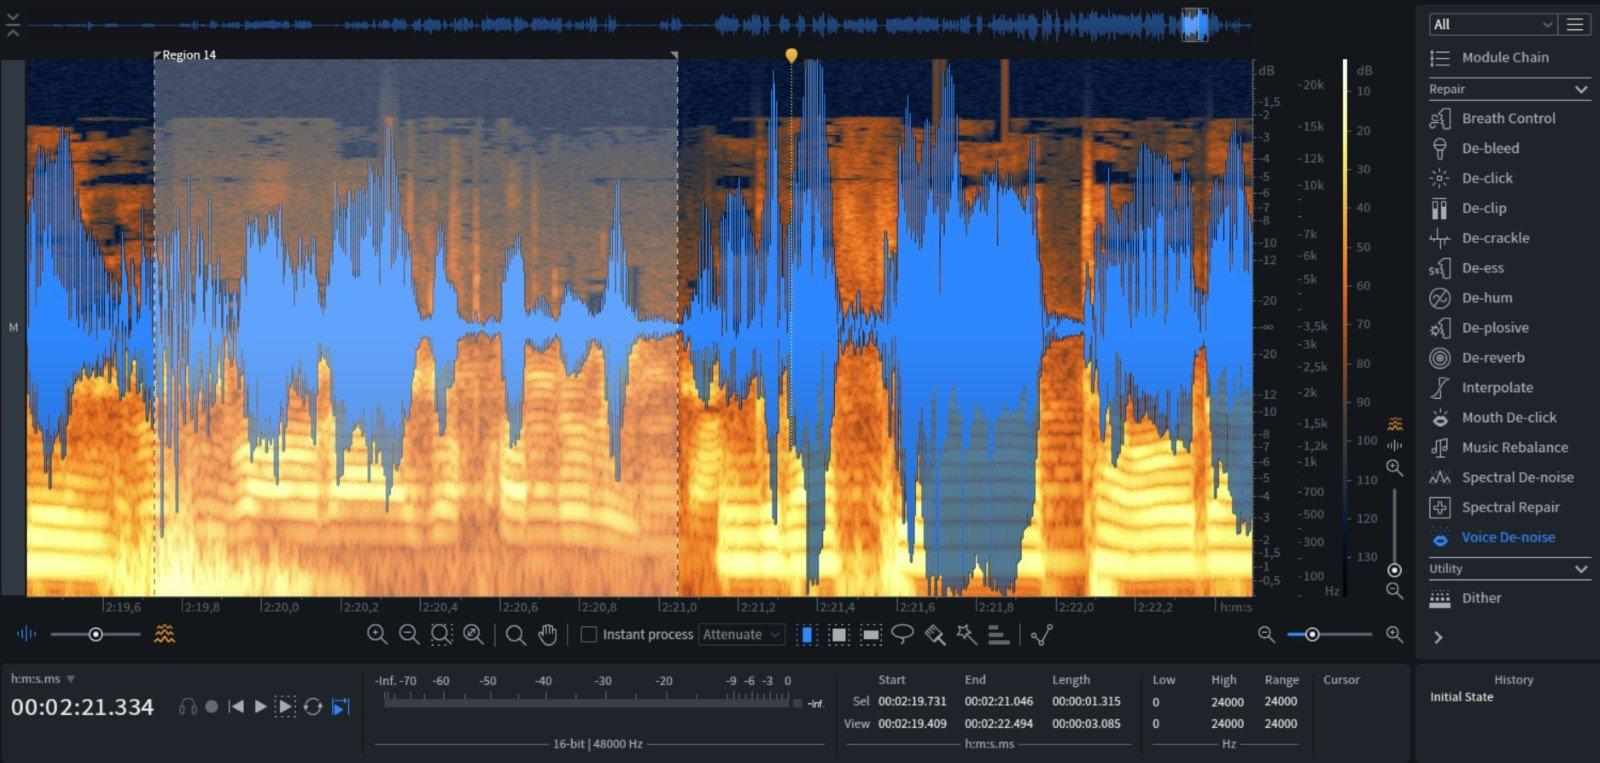 Analisis audio